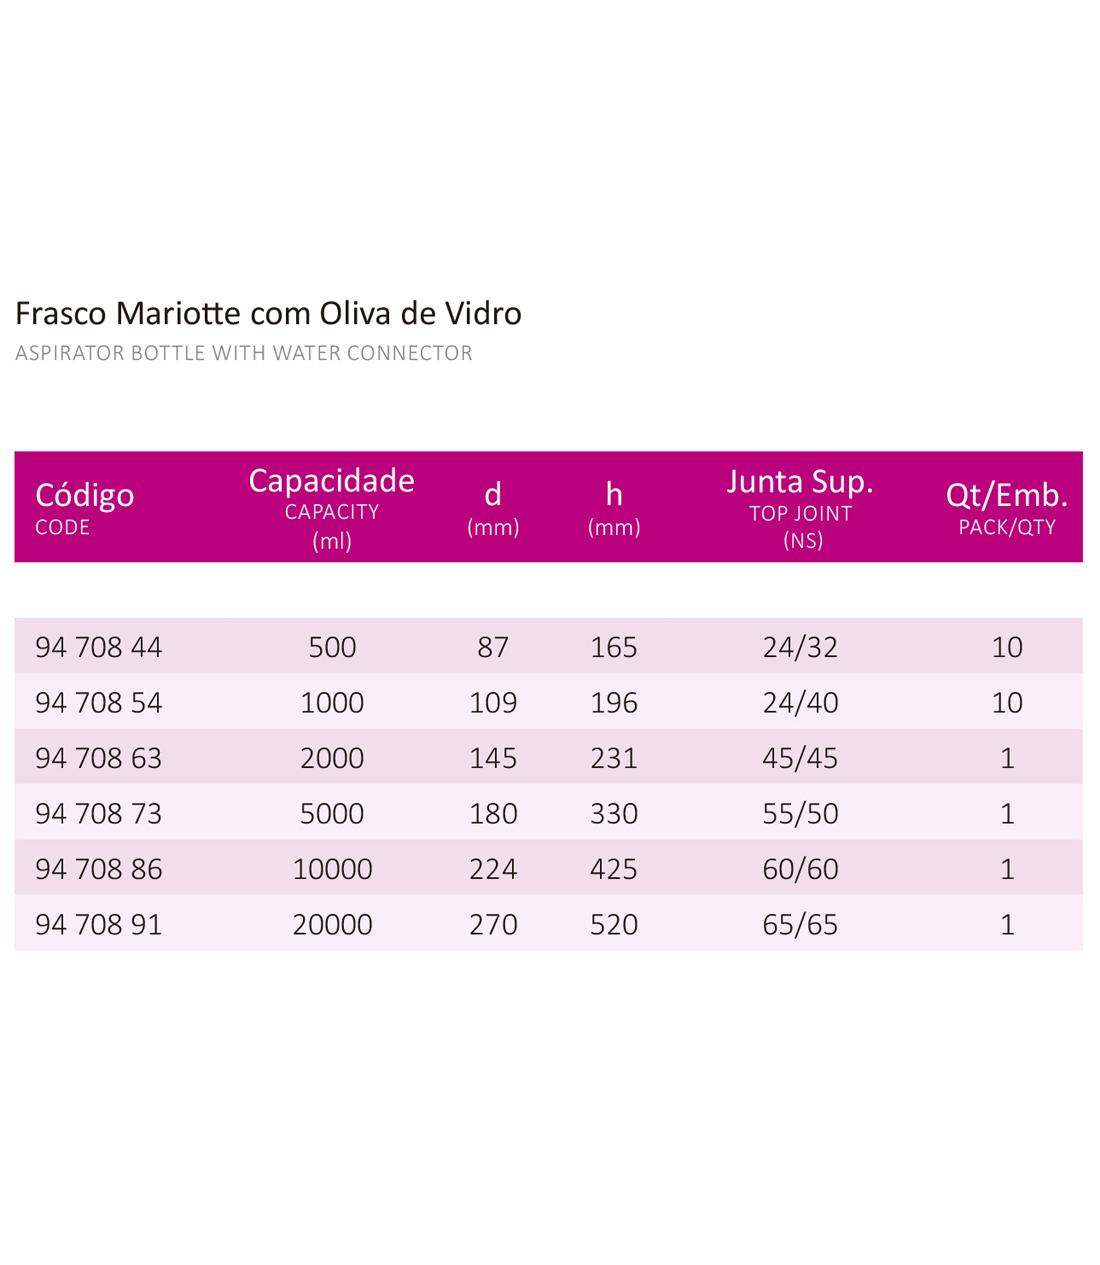 FRASCO MARIOTTE C/ OLIVA DE VIDRO 10000 ML - Laborglas - Cód. 9470886